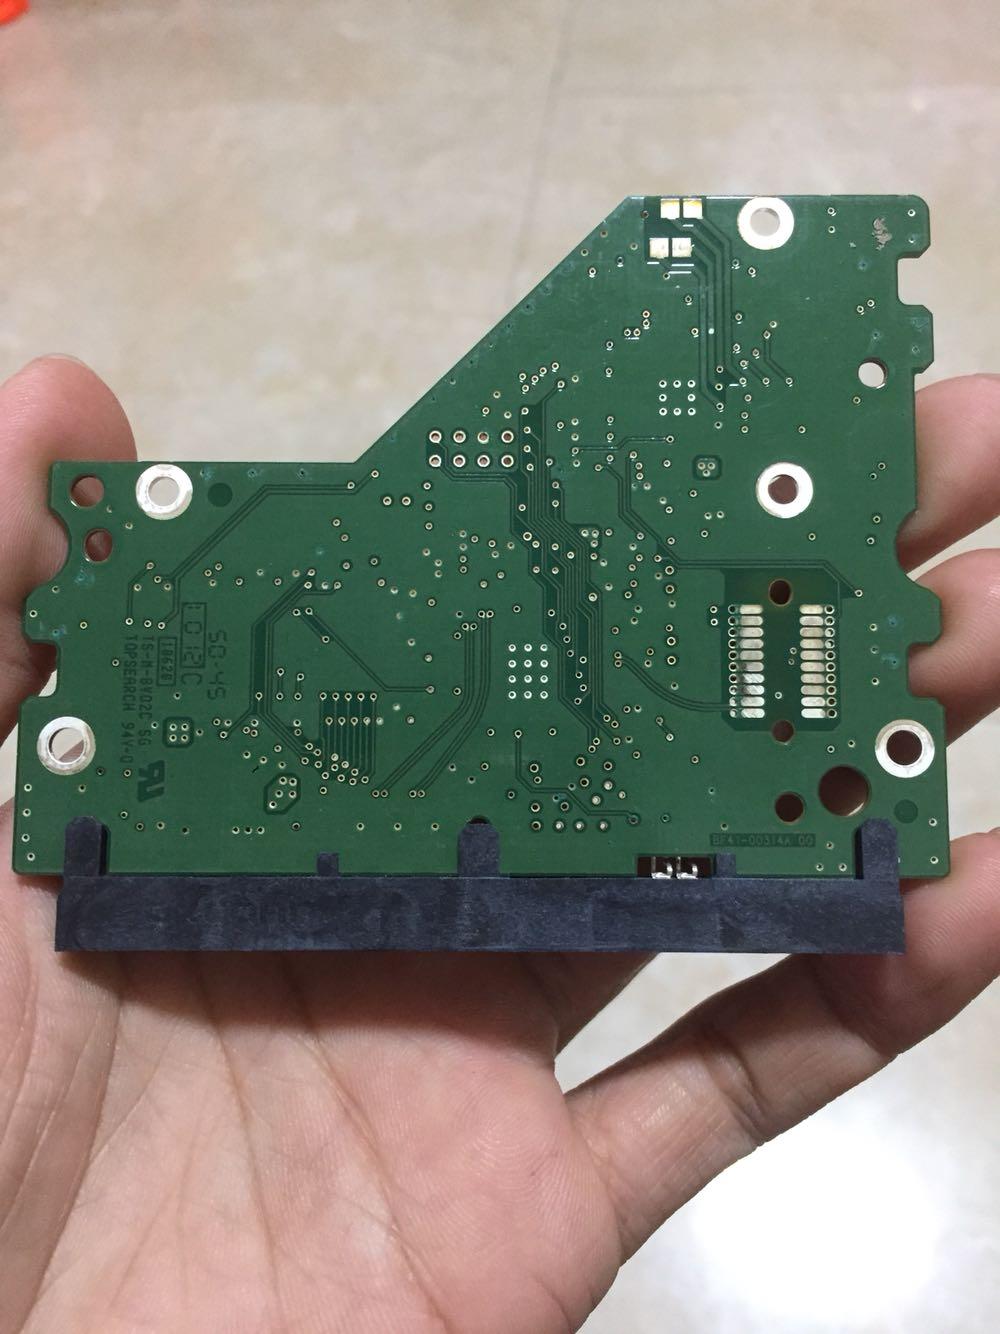 Запасные части для настольного жесткого диска, печатная плата для Samsung 3,5 SATA HDD, восстановление данных HD204UI HD203UJ HD102UJ HD204UI